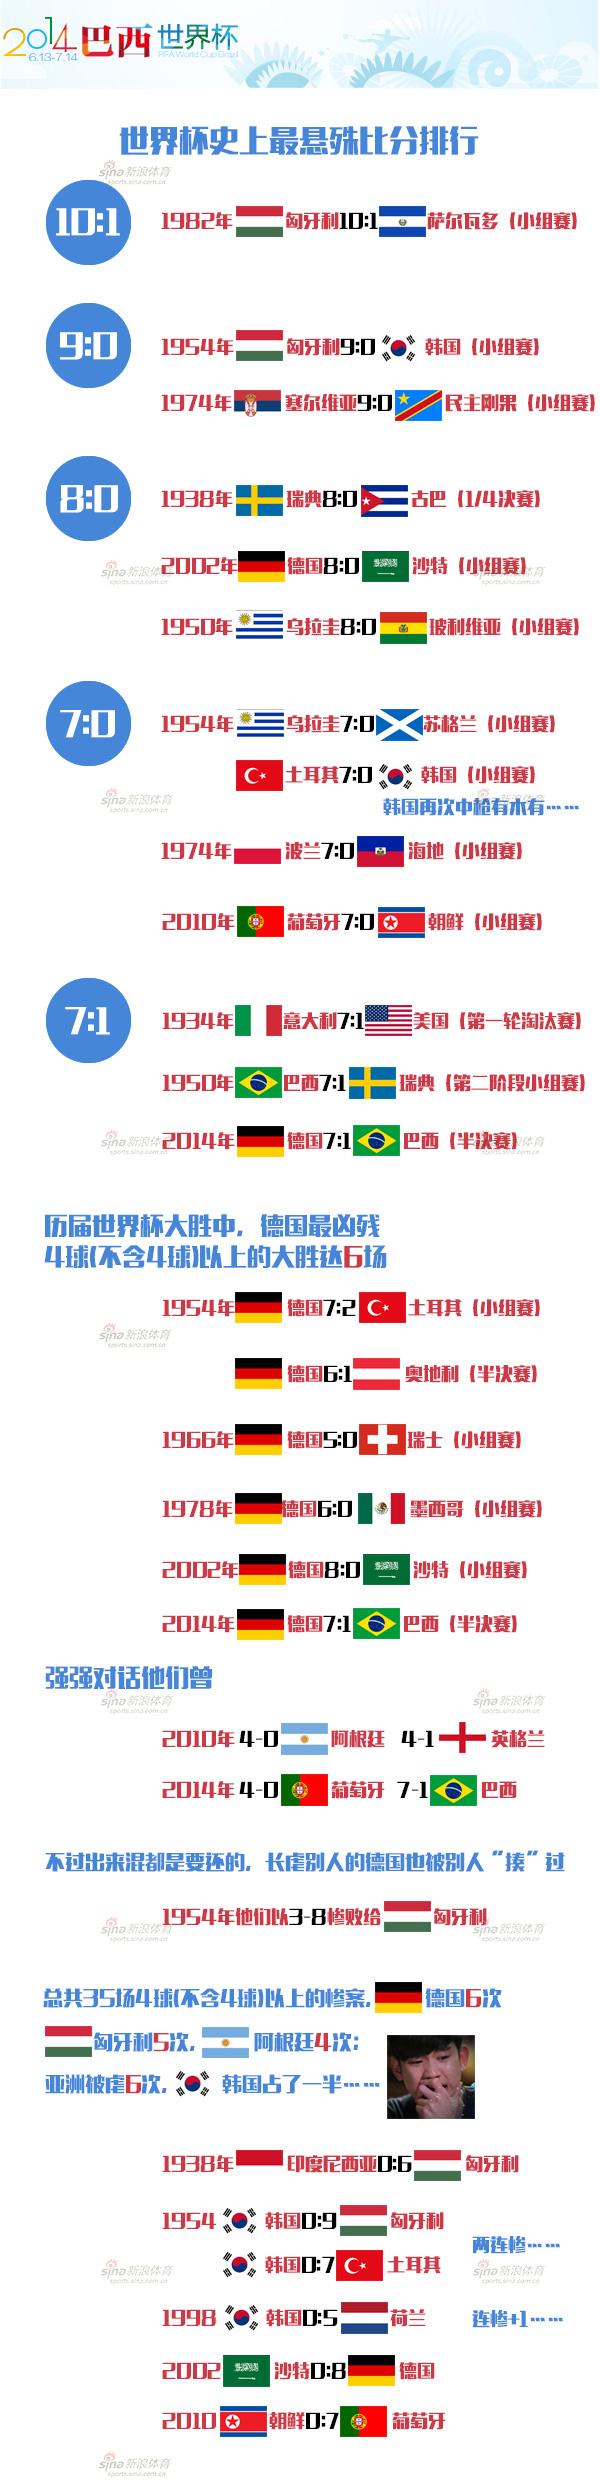 世界杯惨案历史